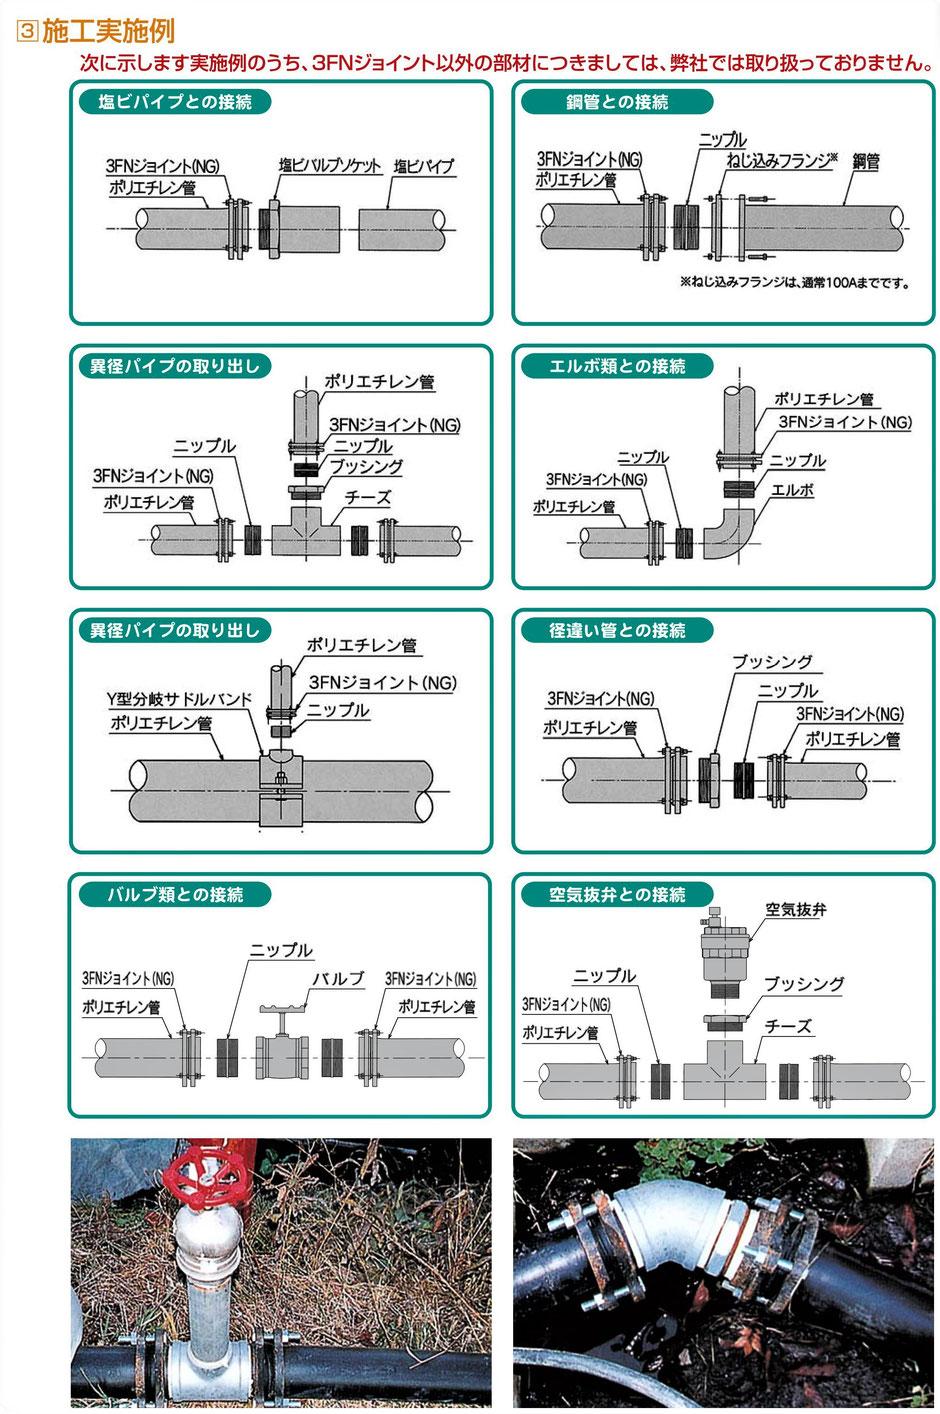 水を圧送する場合に、ポリエチレン管を使用した場合にどうしたら良いかを紹介するページです。